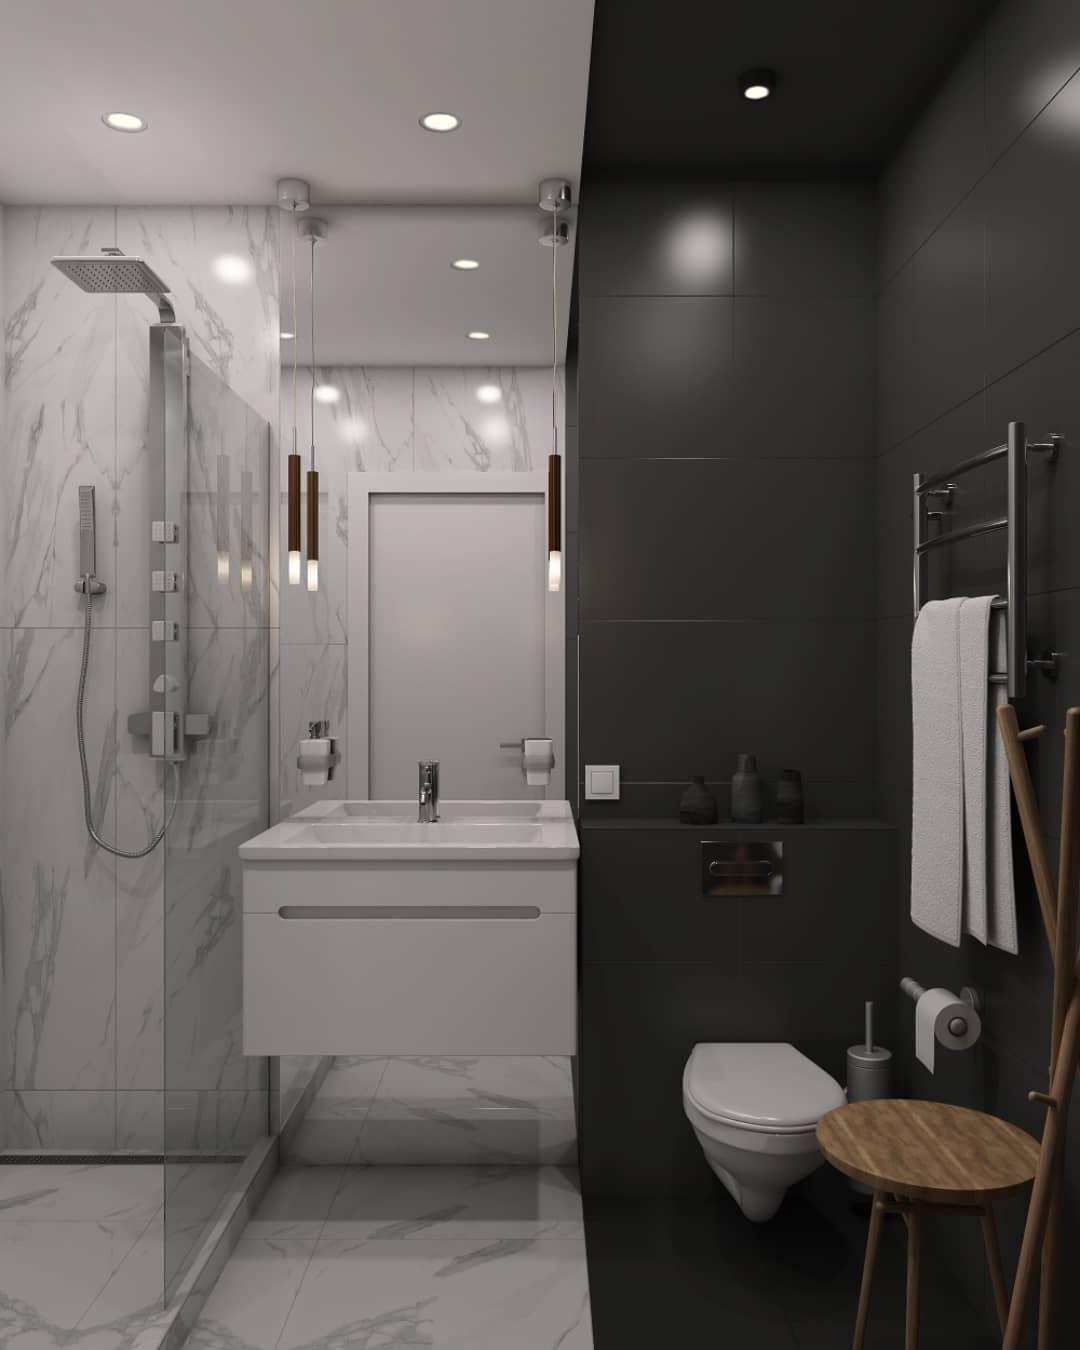 Bathroom Designs 2020: Steampunk Bathroom Decor Ideas (35 ... on Small Bathroom Ideas 2020 id=14141